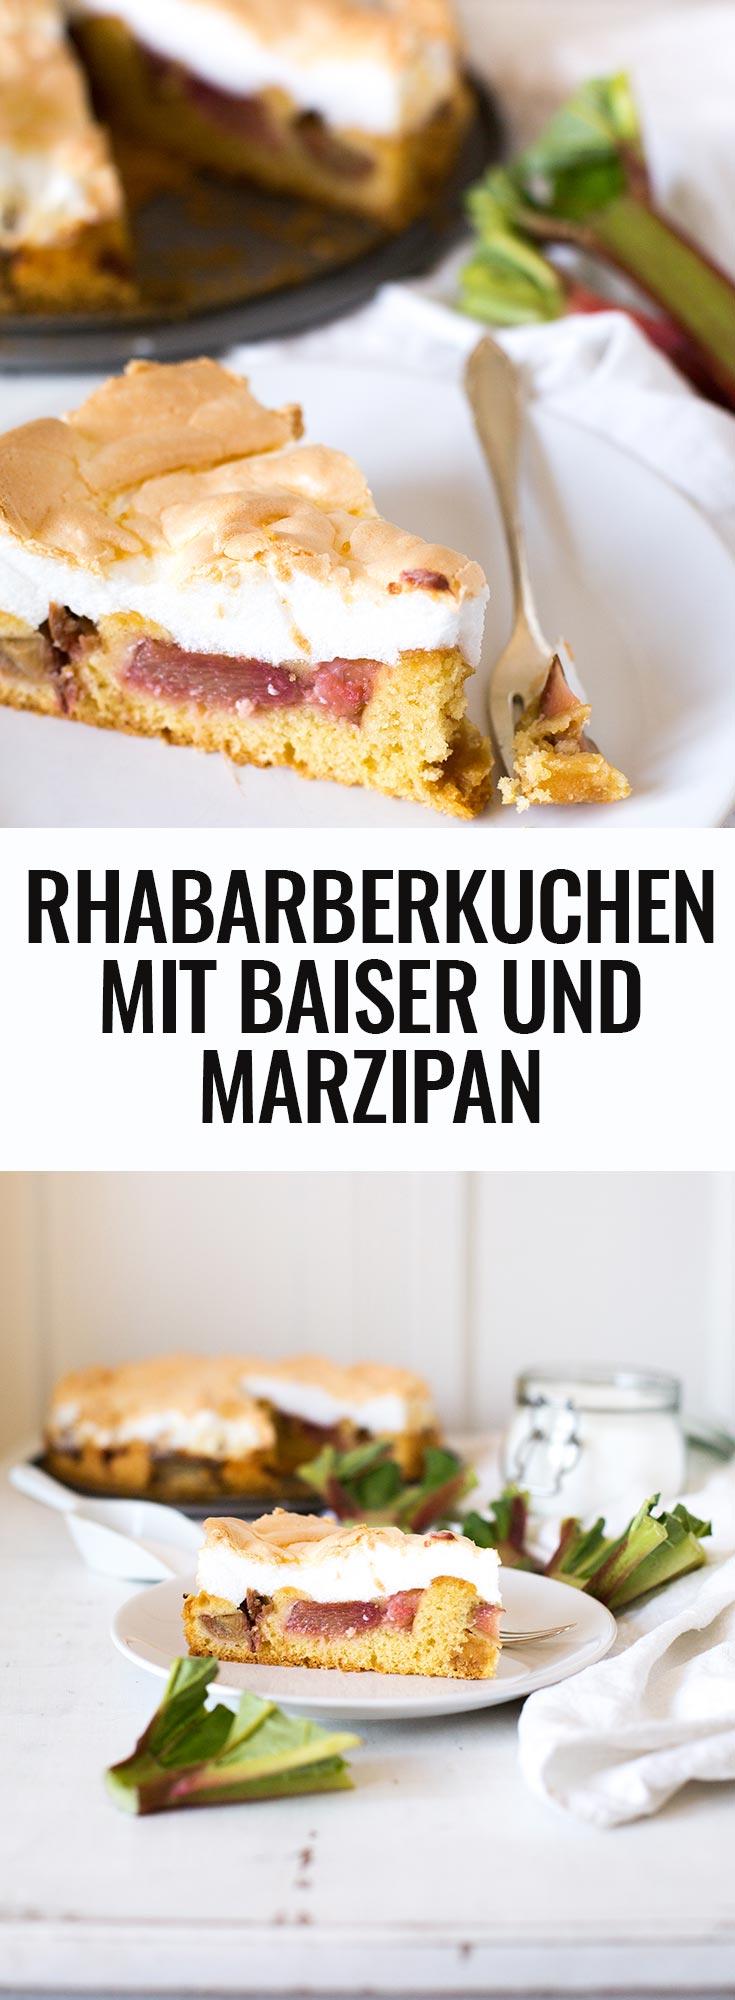 Einfacher Rhabarberkuchen mit Baiser und Marzipan. Dieses schnelle Rezept begeistert garantiert ALLE - Kochkarussell.com